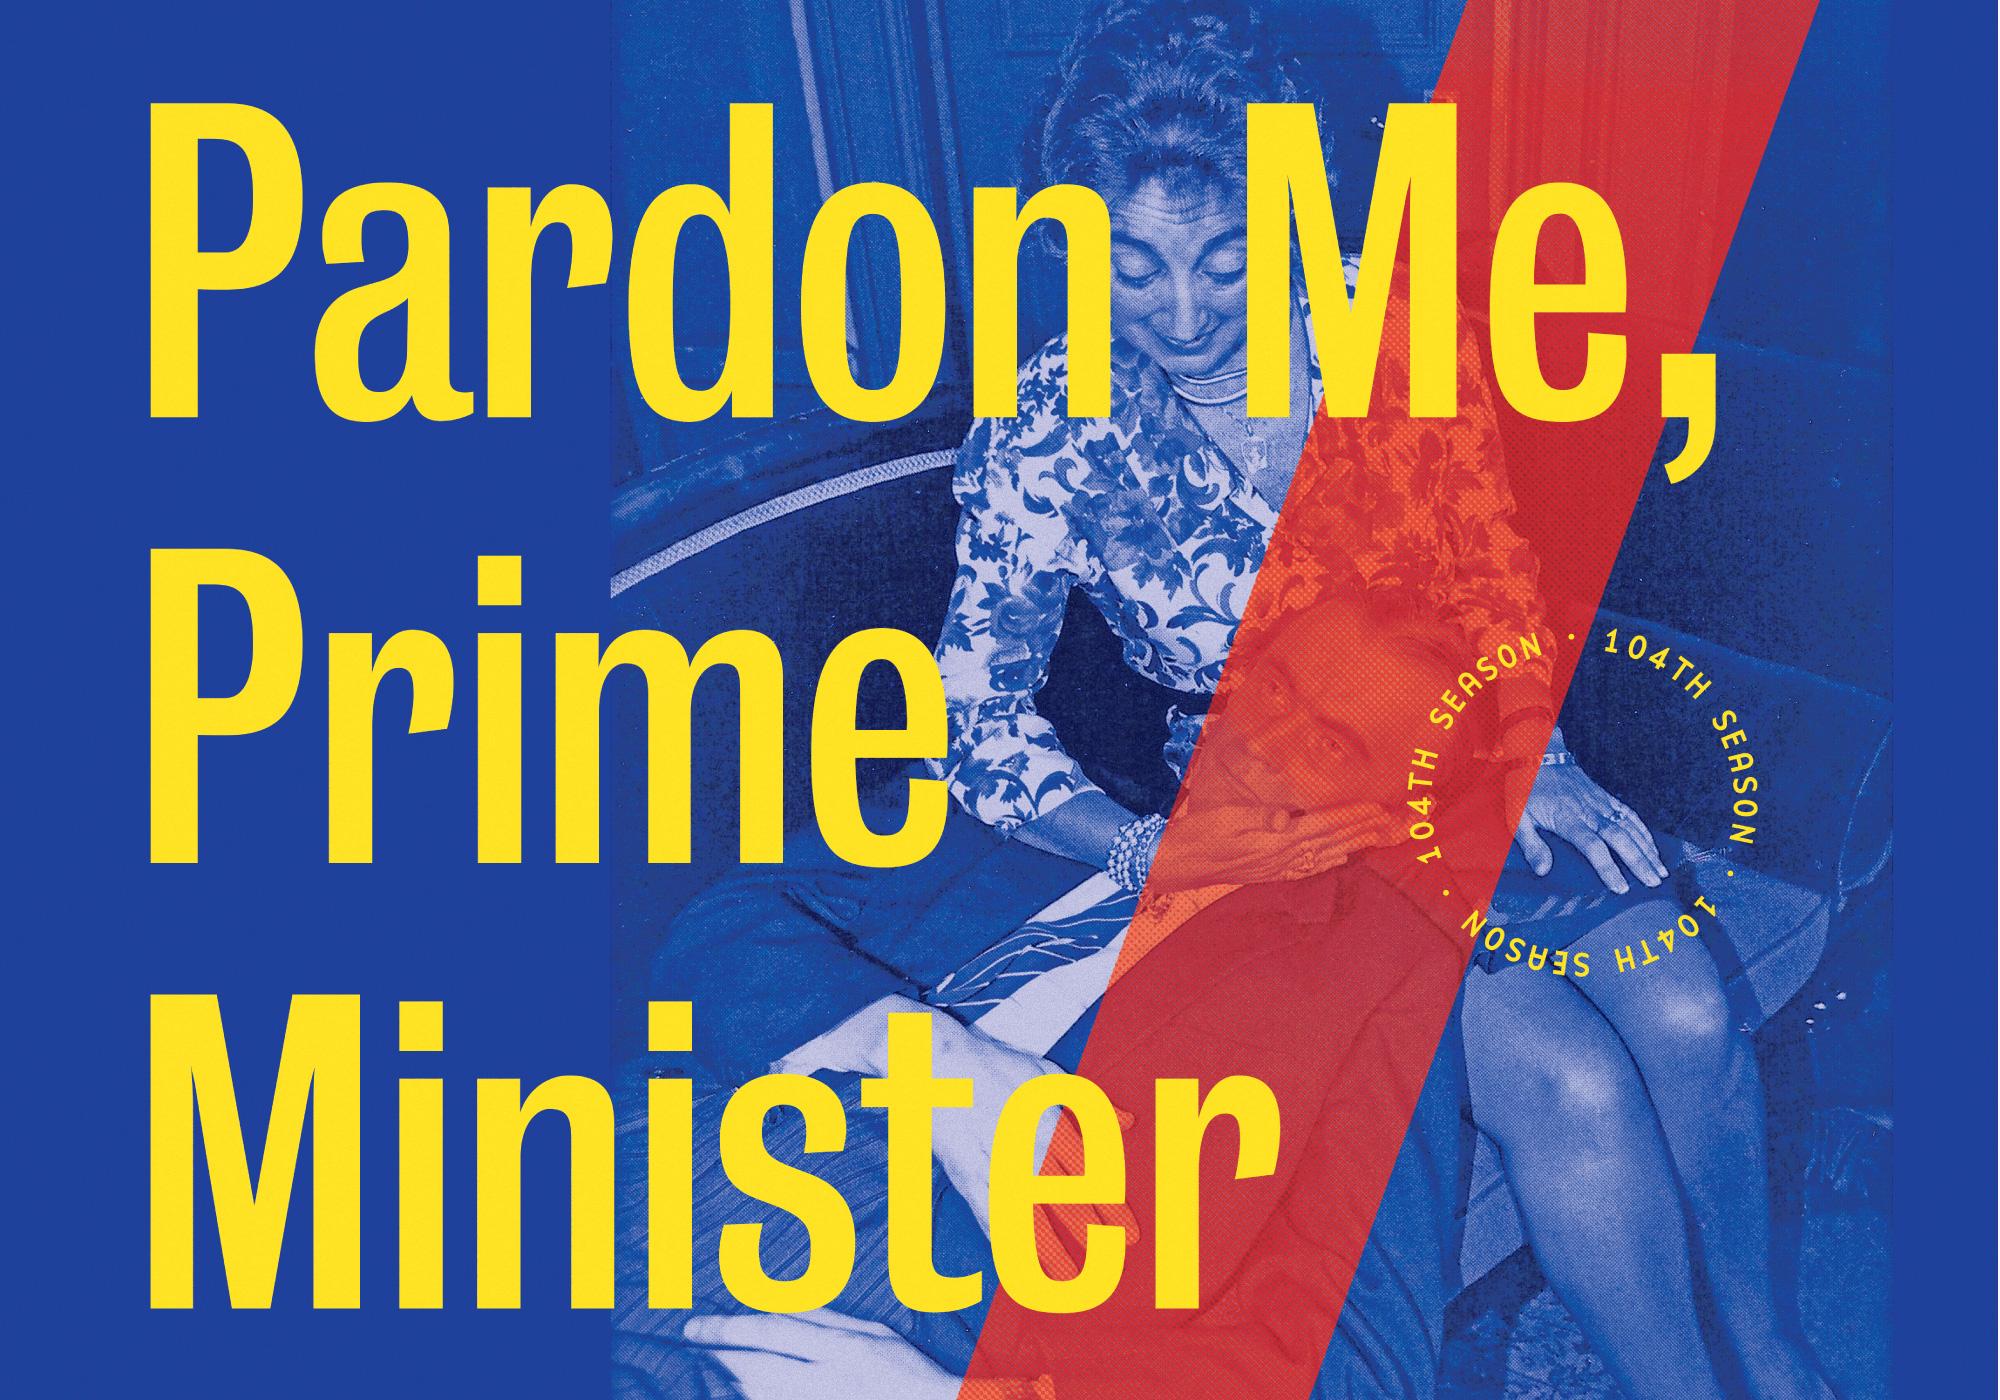 Pardon Me, Prime Minister